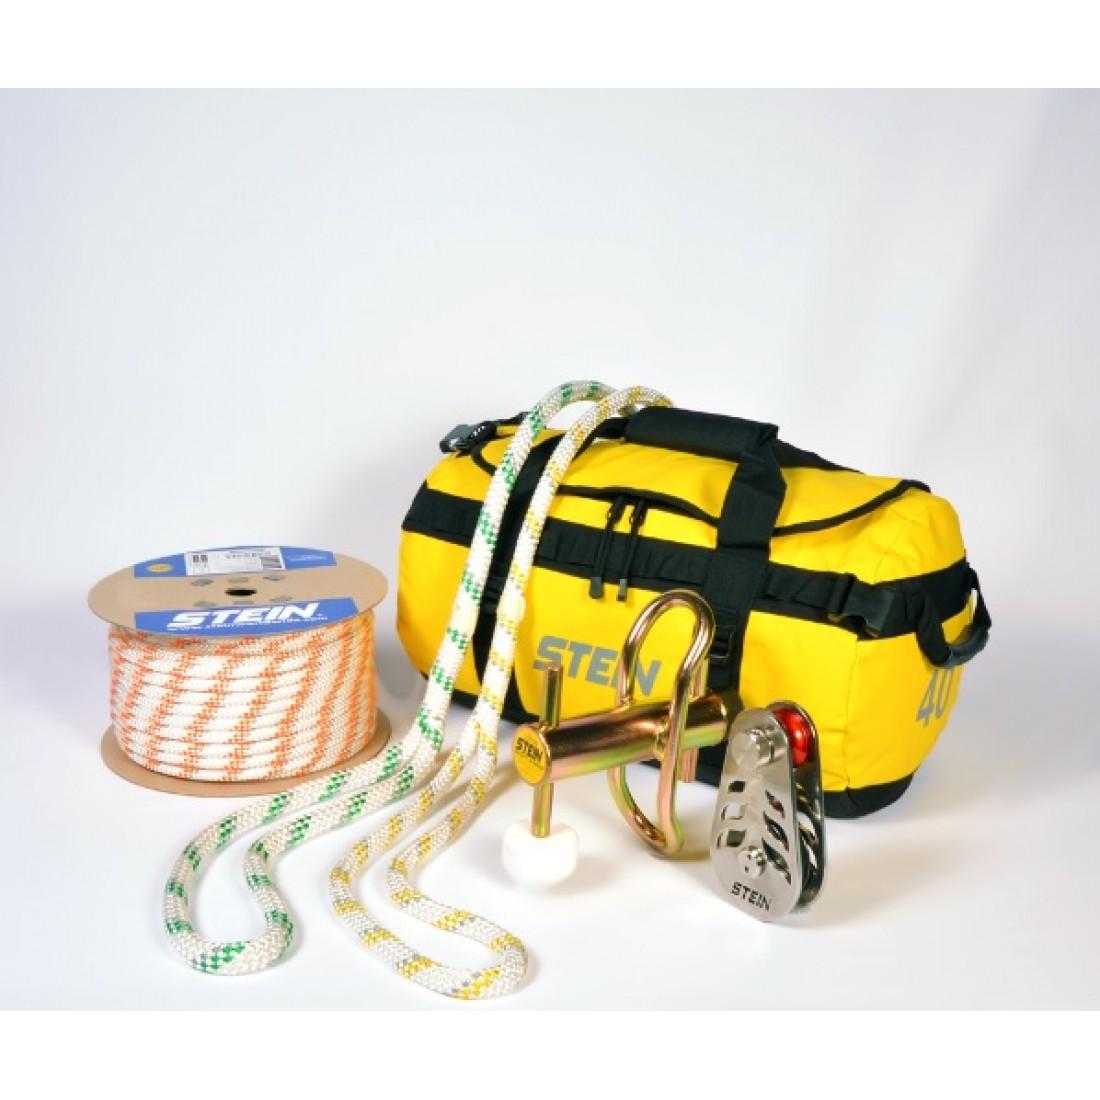 stein ld750 rigging kit sorbus international. Black Bedroom Furniture Sets. Home Design Ideas